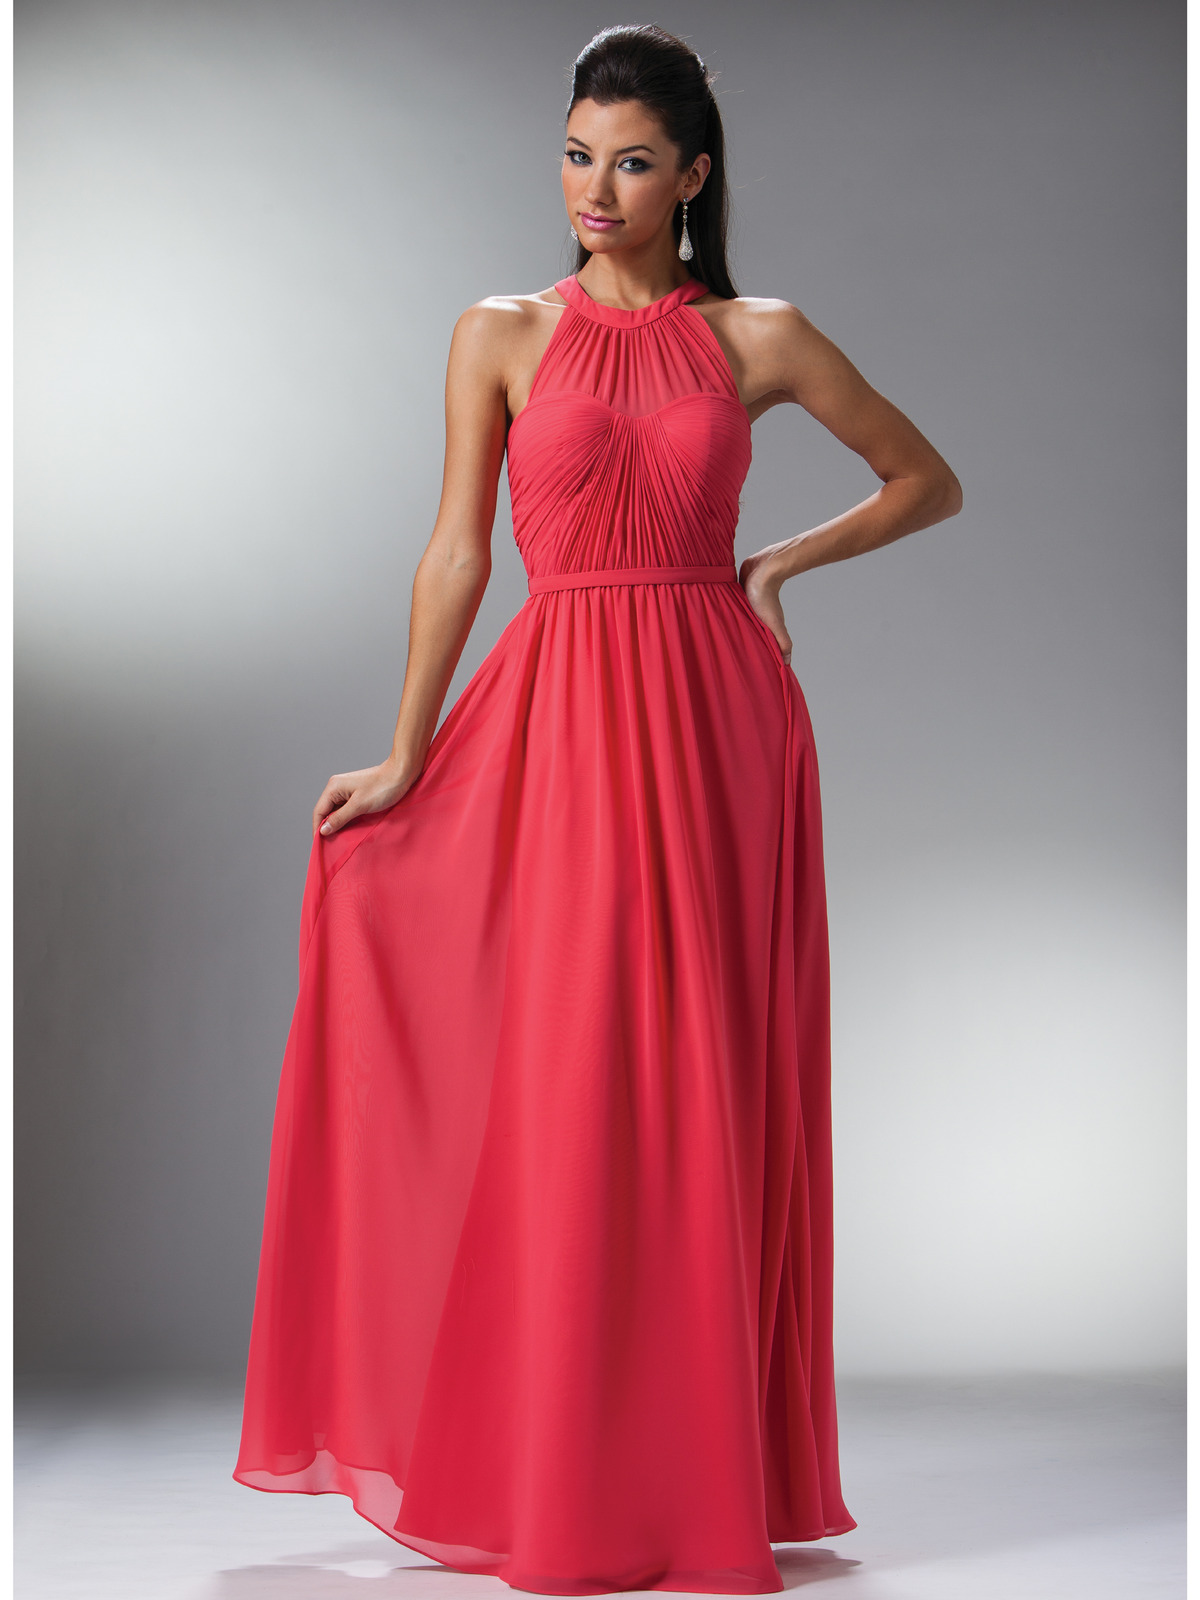 Illusion Evening Dress | Sung Boutique L.A.